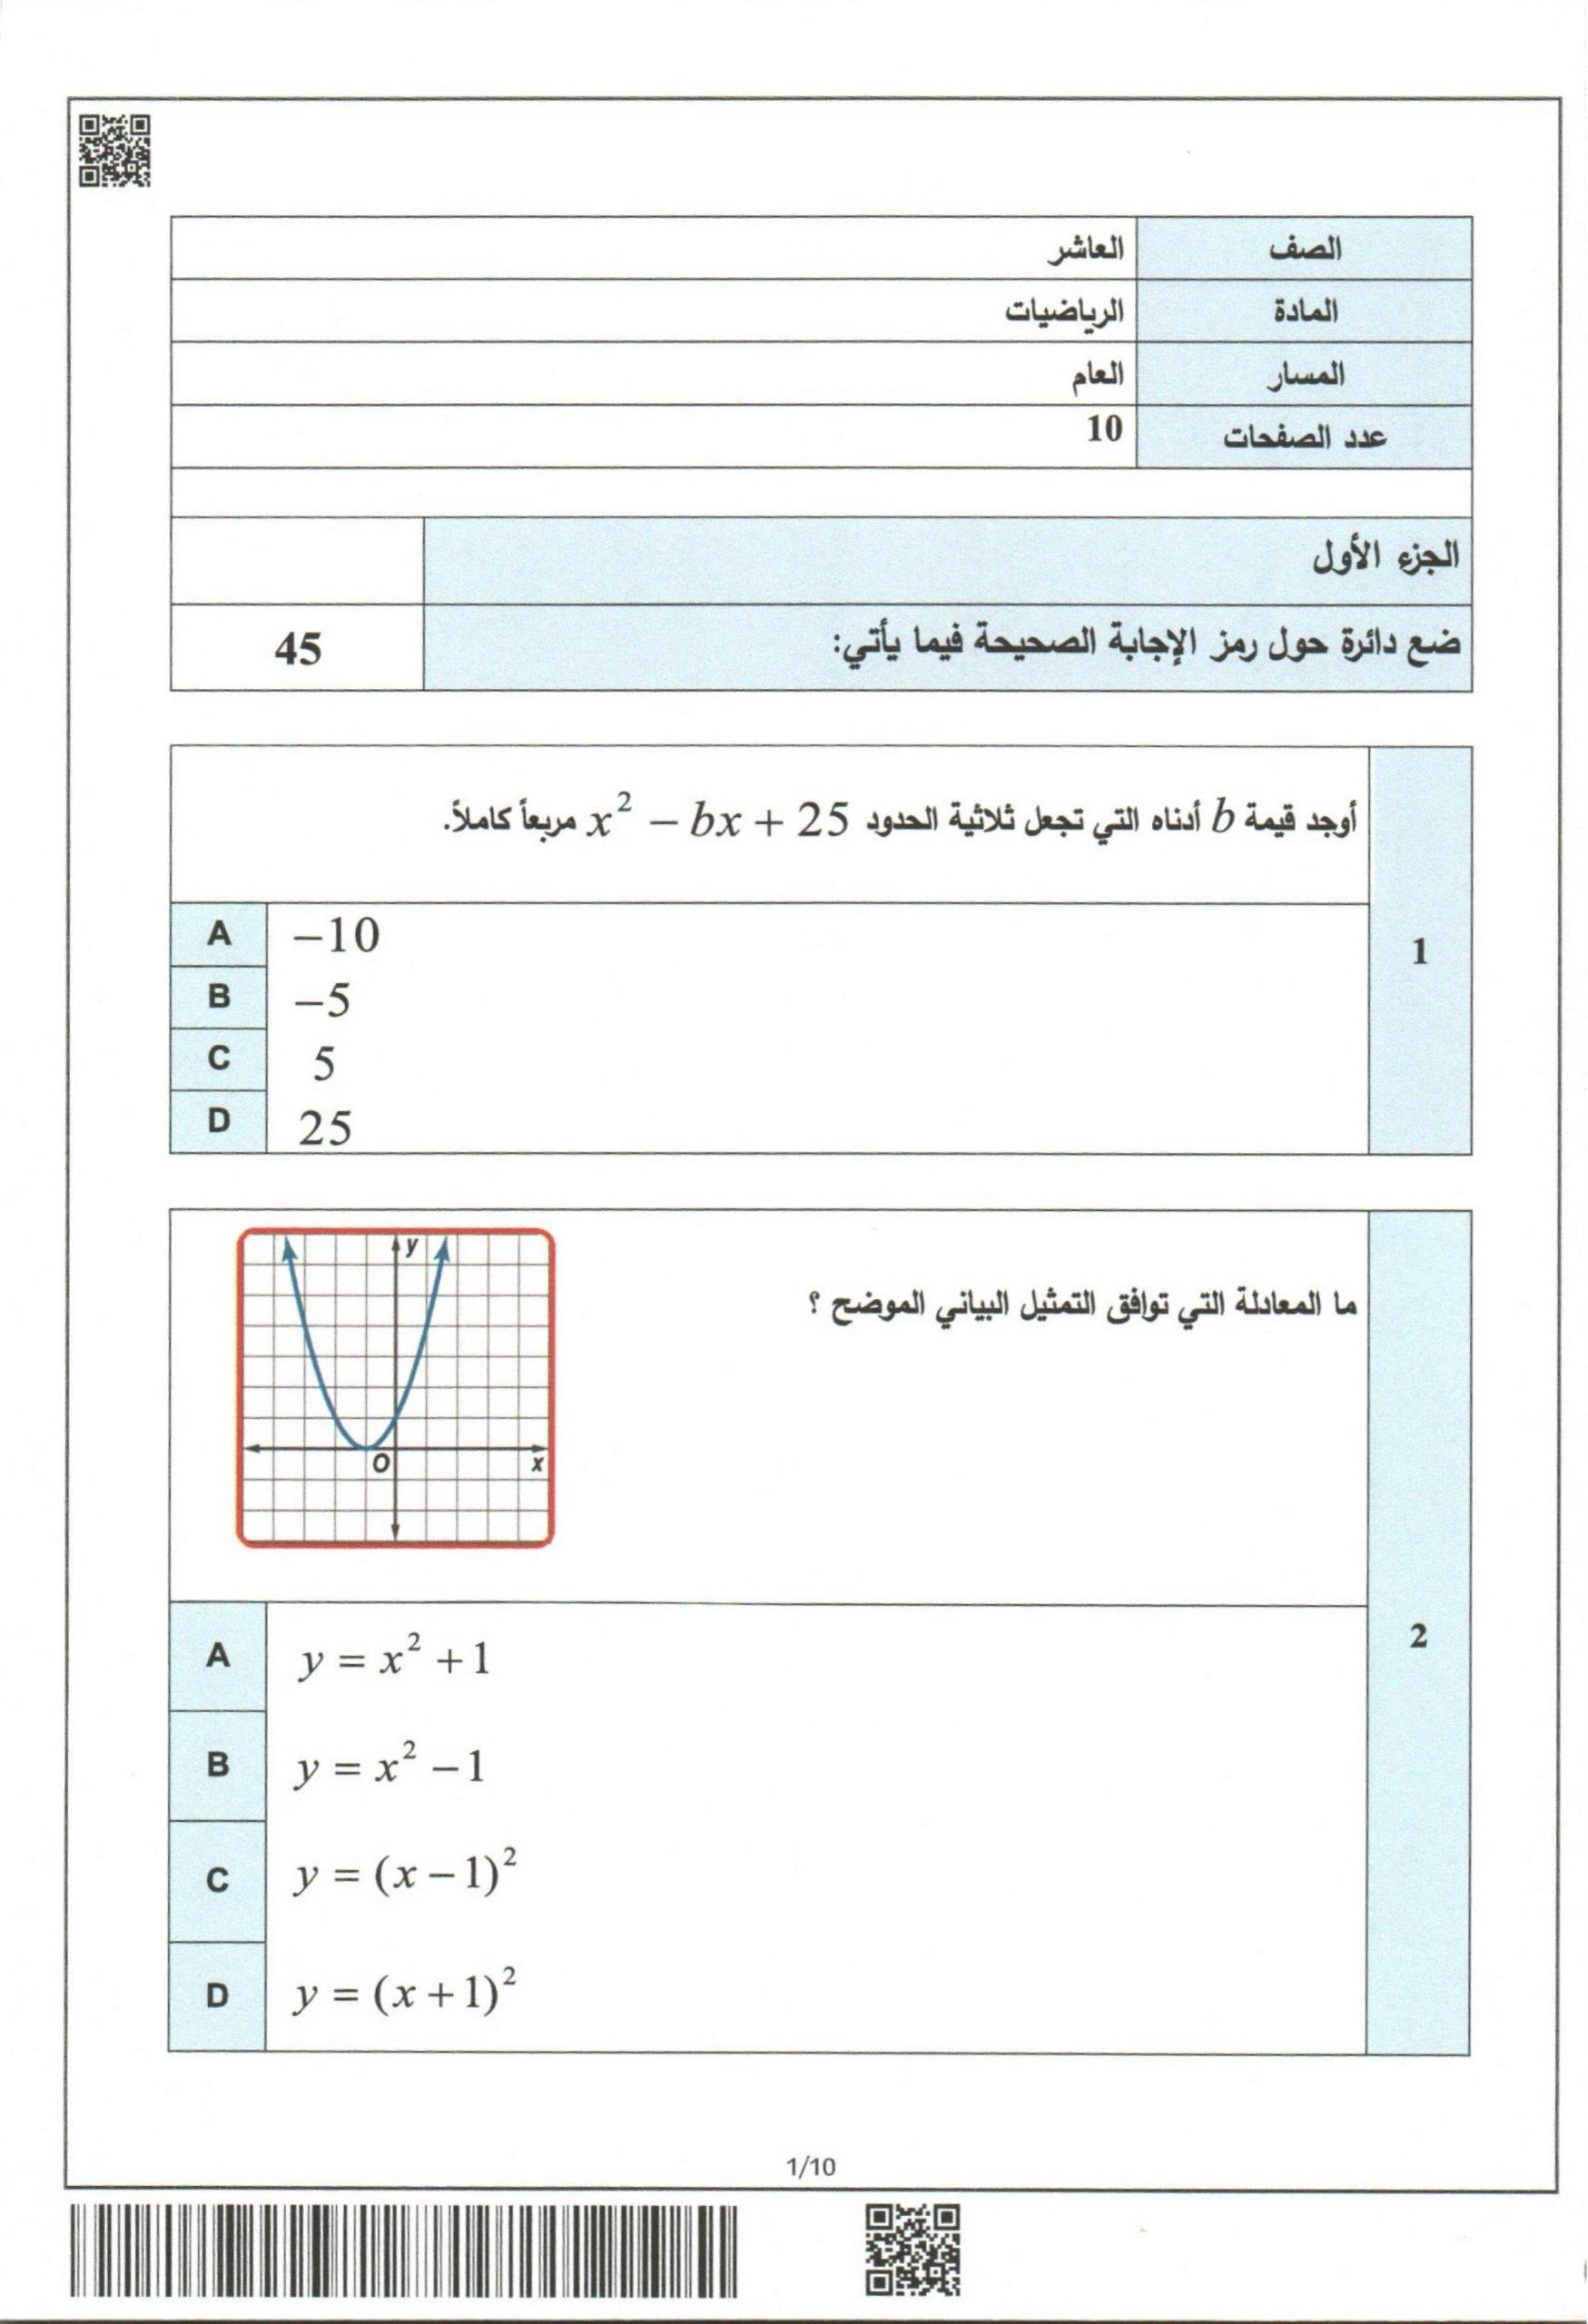 امتحان نهاية الفصل الدراسي الاول 2019-2020 الصف العاشر مادة الرياضيات المتكاملة